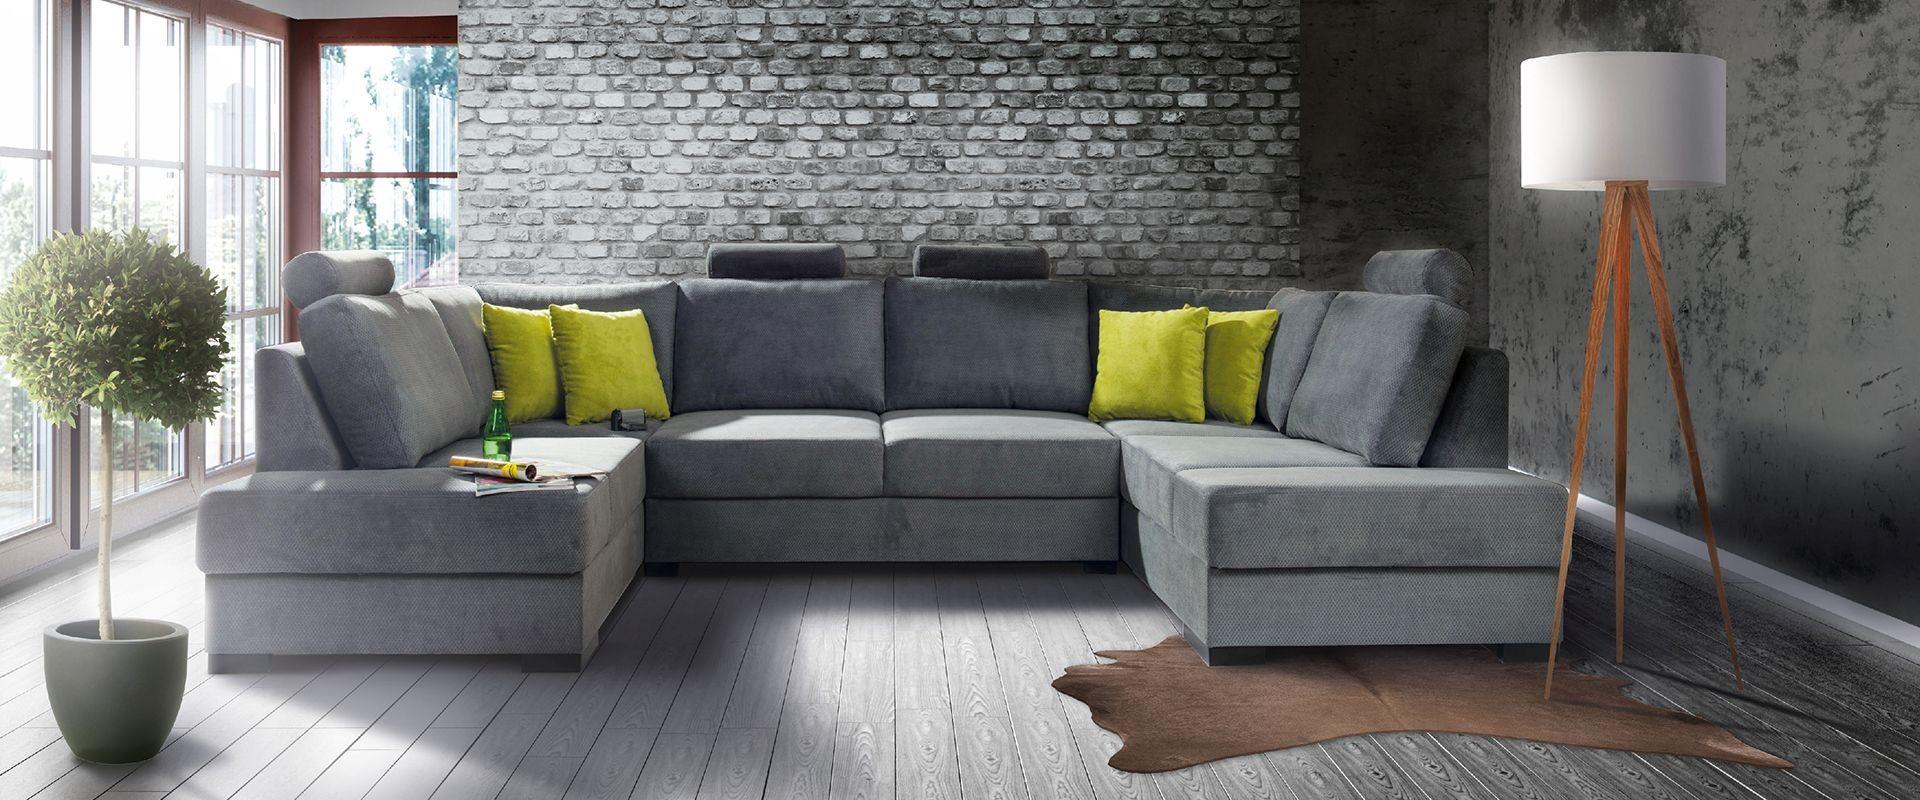 П-образный диван в стиле лофт